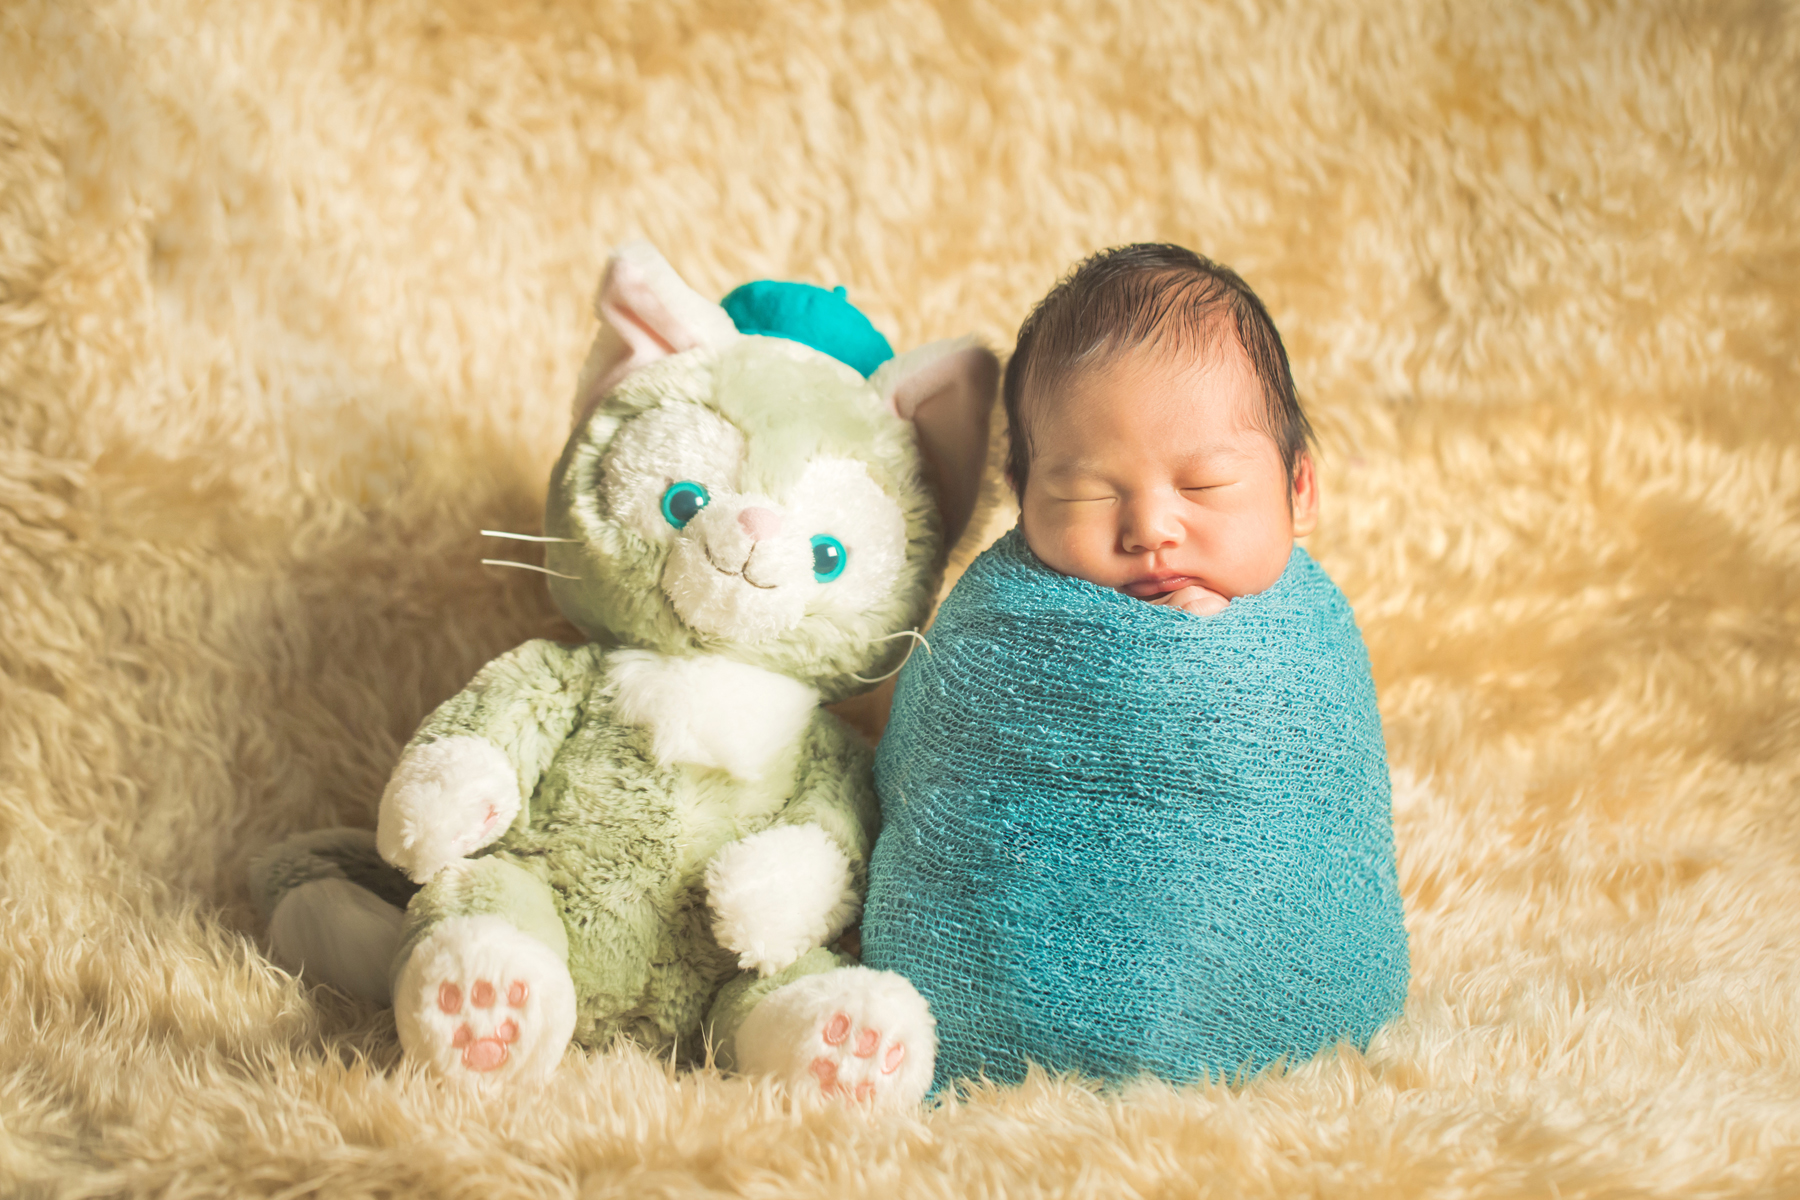 滋賀県長浜市の出張カメラマンによる新生児フォト撮影